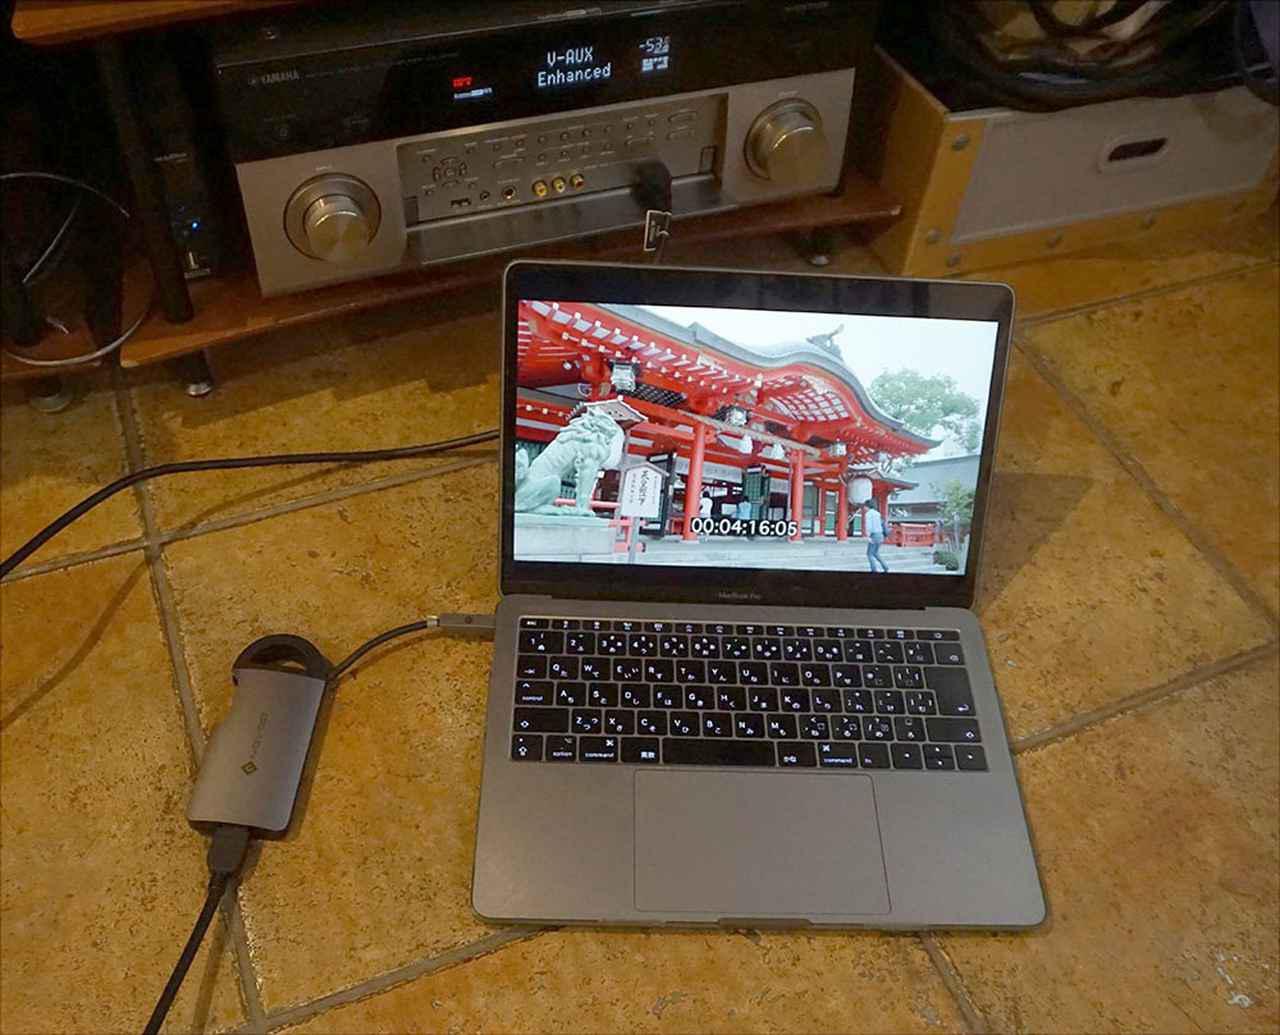 画像: 山下達郎のライブ配信を一番いい絵といい音で楽しむ方法を、引き続き探る。AirPlayやFire Stick TVでの視聴もオフィシャルで認められた - Stereo Sound ONLINE